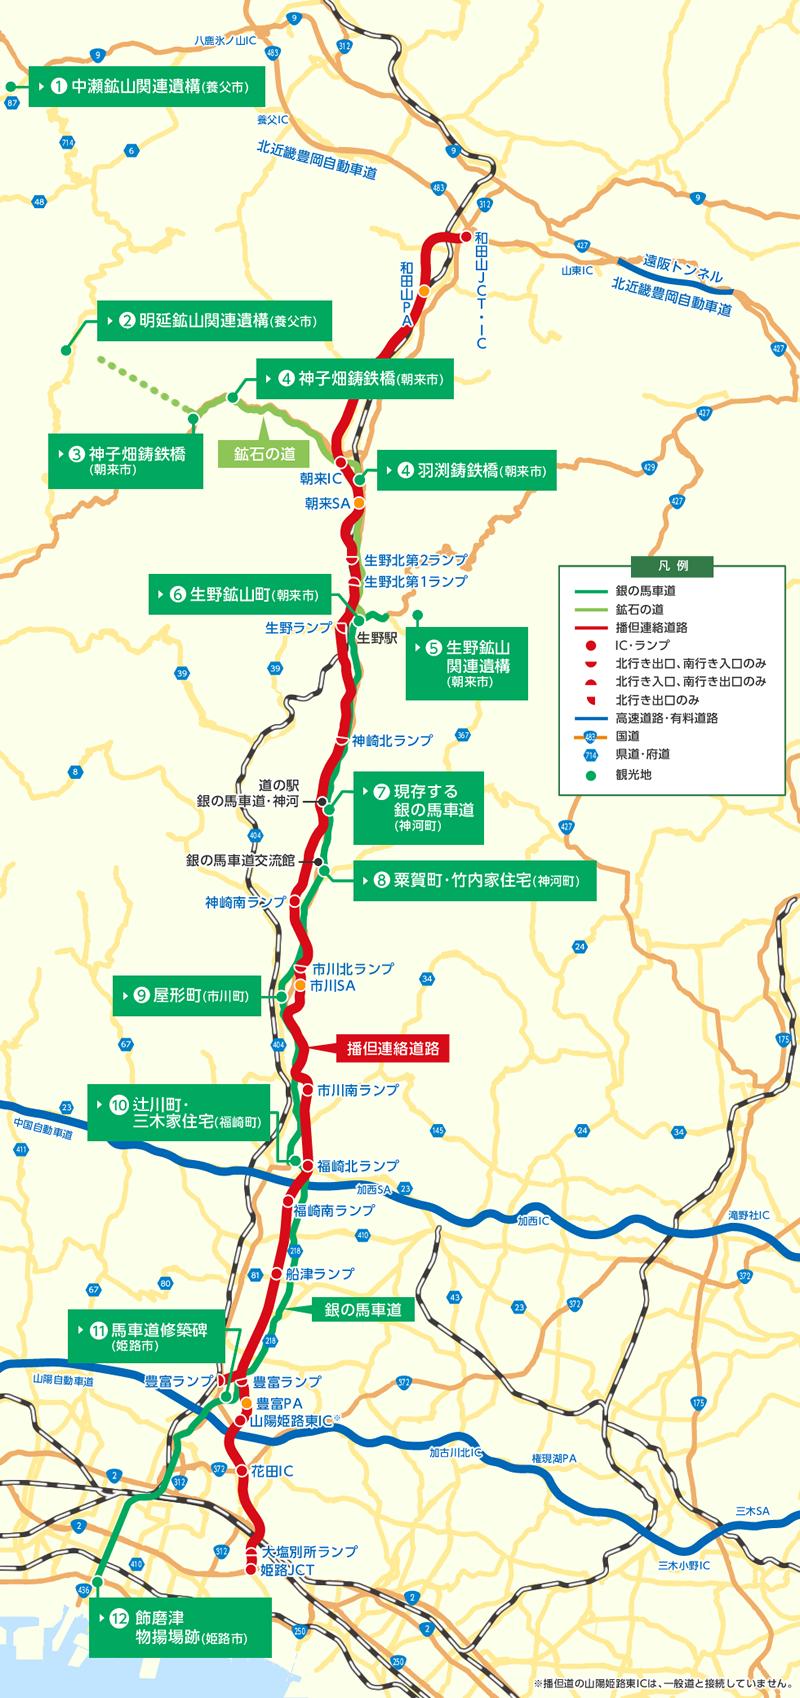 日本遺産案内マップ